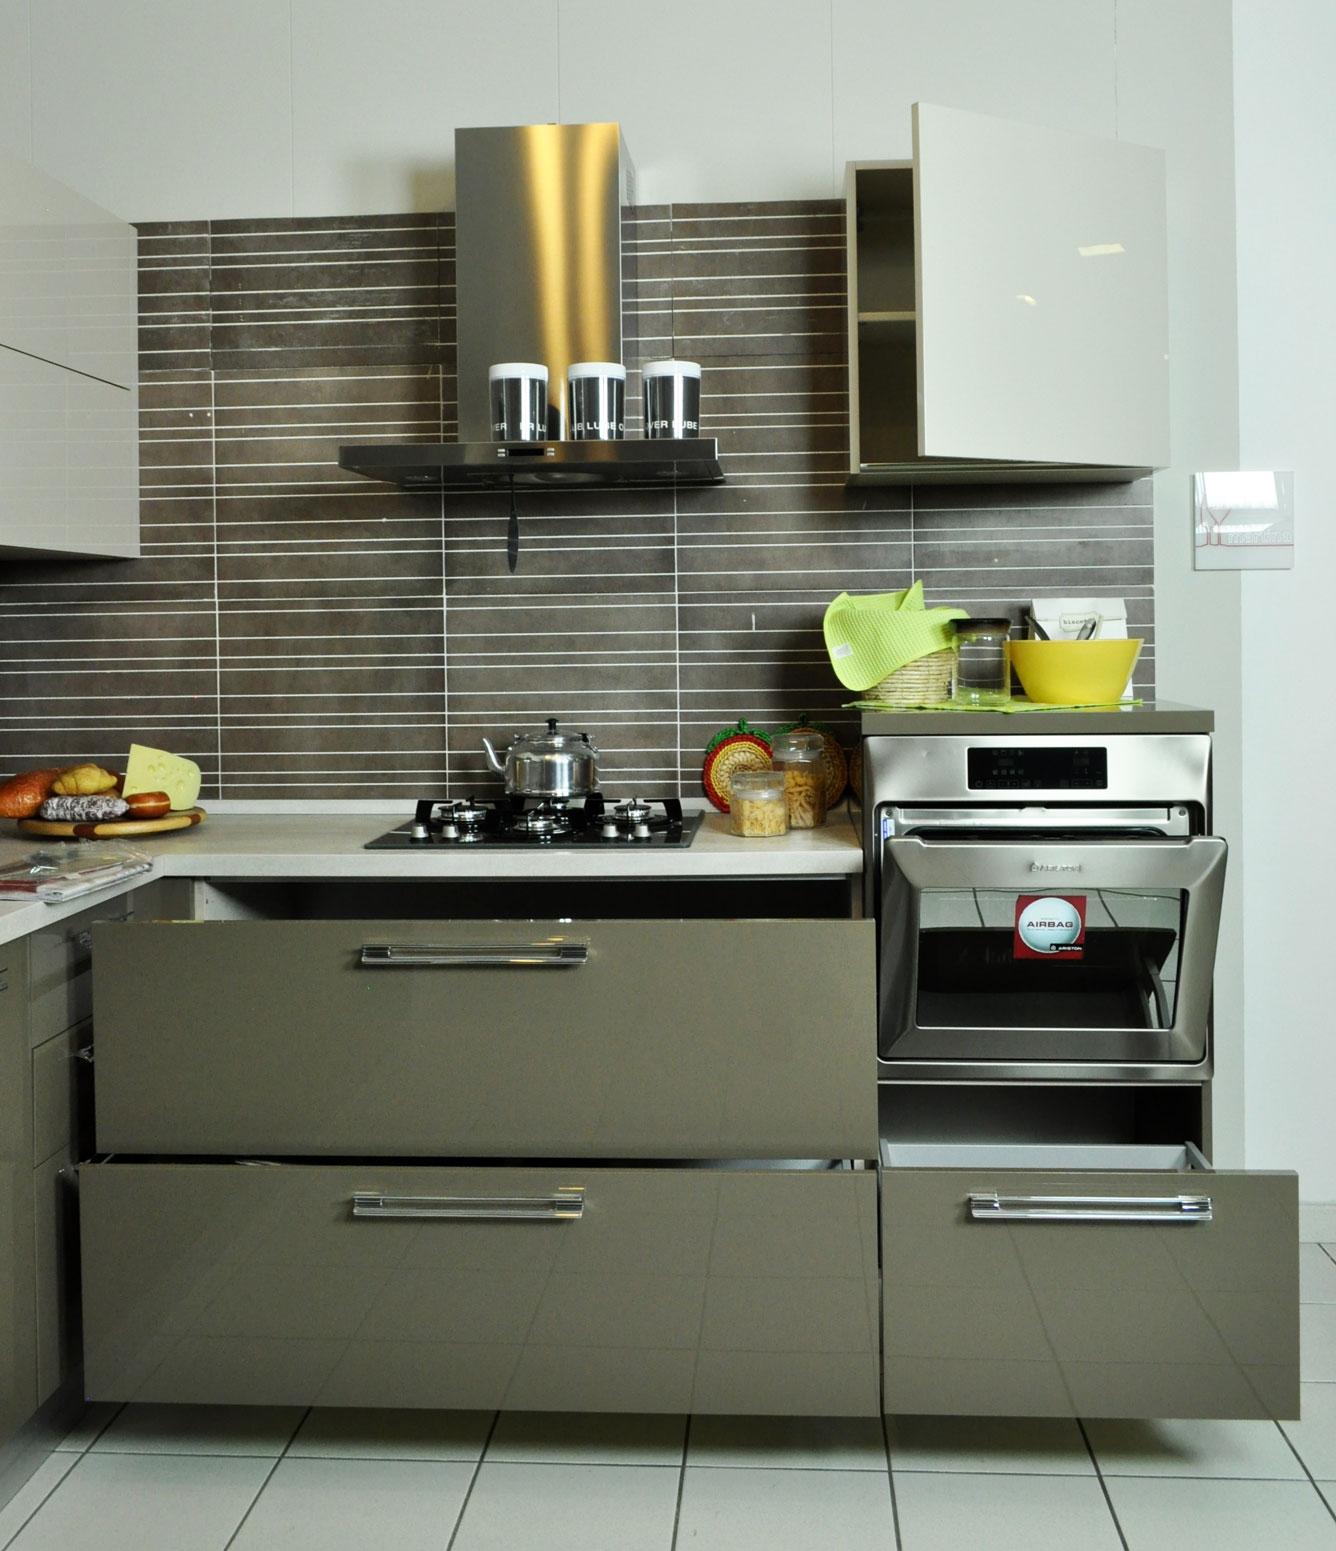 Cucina lube modello martina angolare laccata lucida e - Elettrodomestici cucina ...